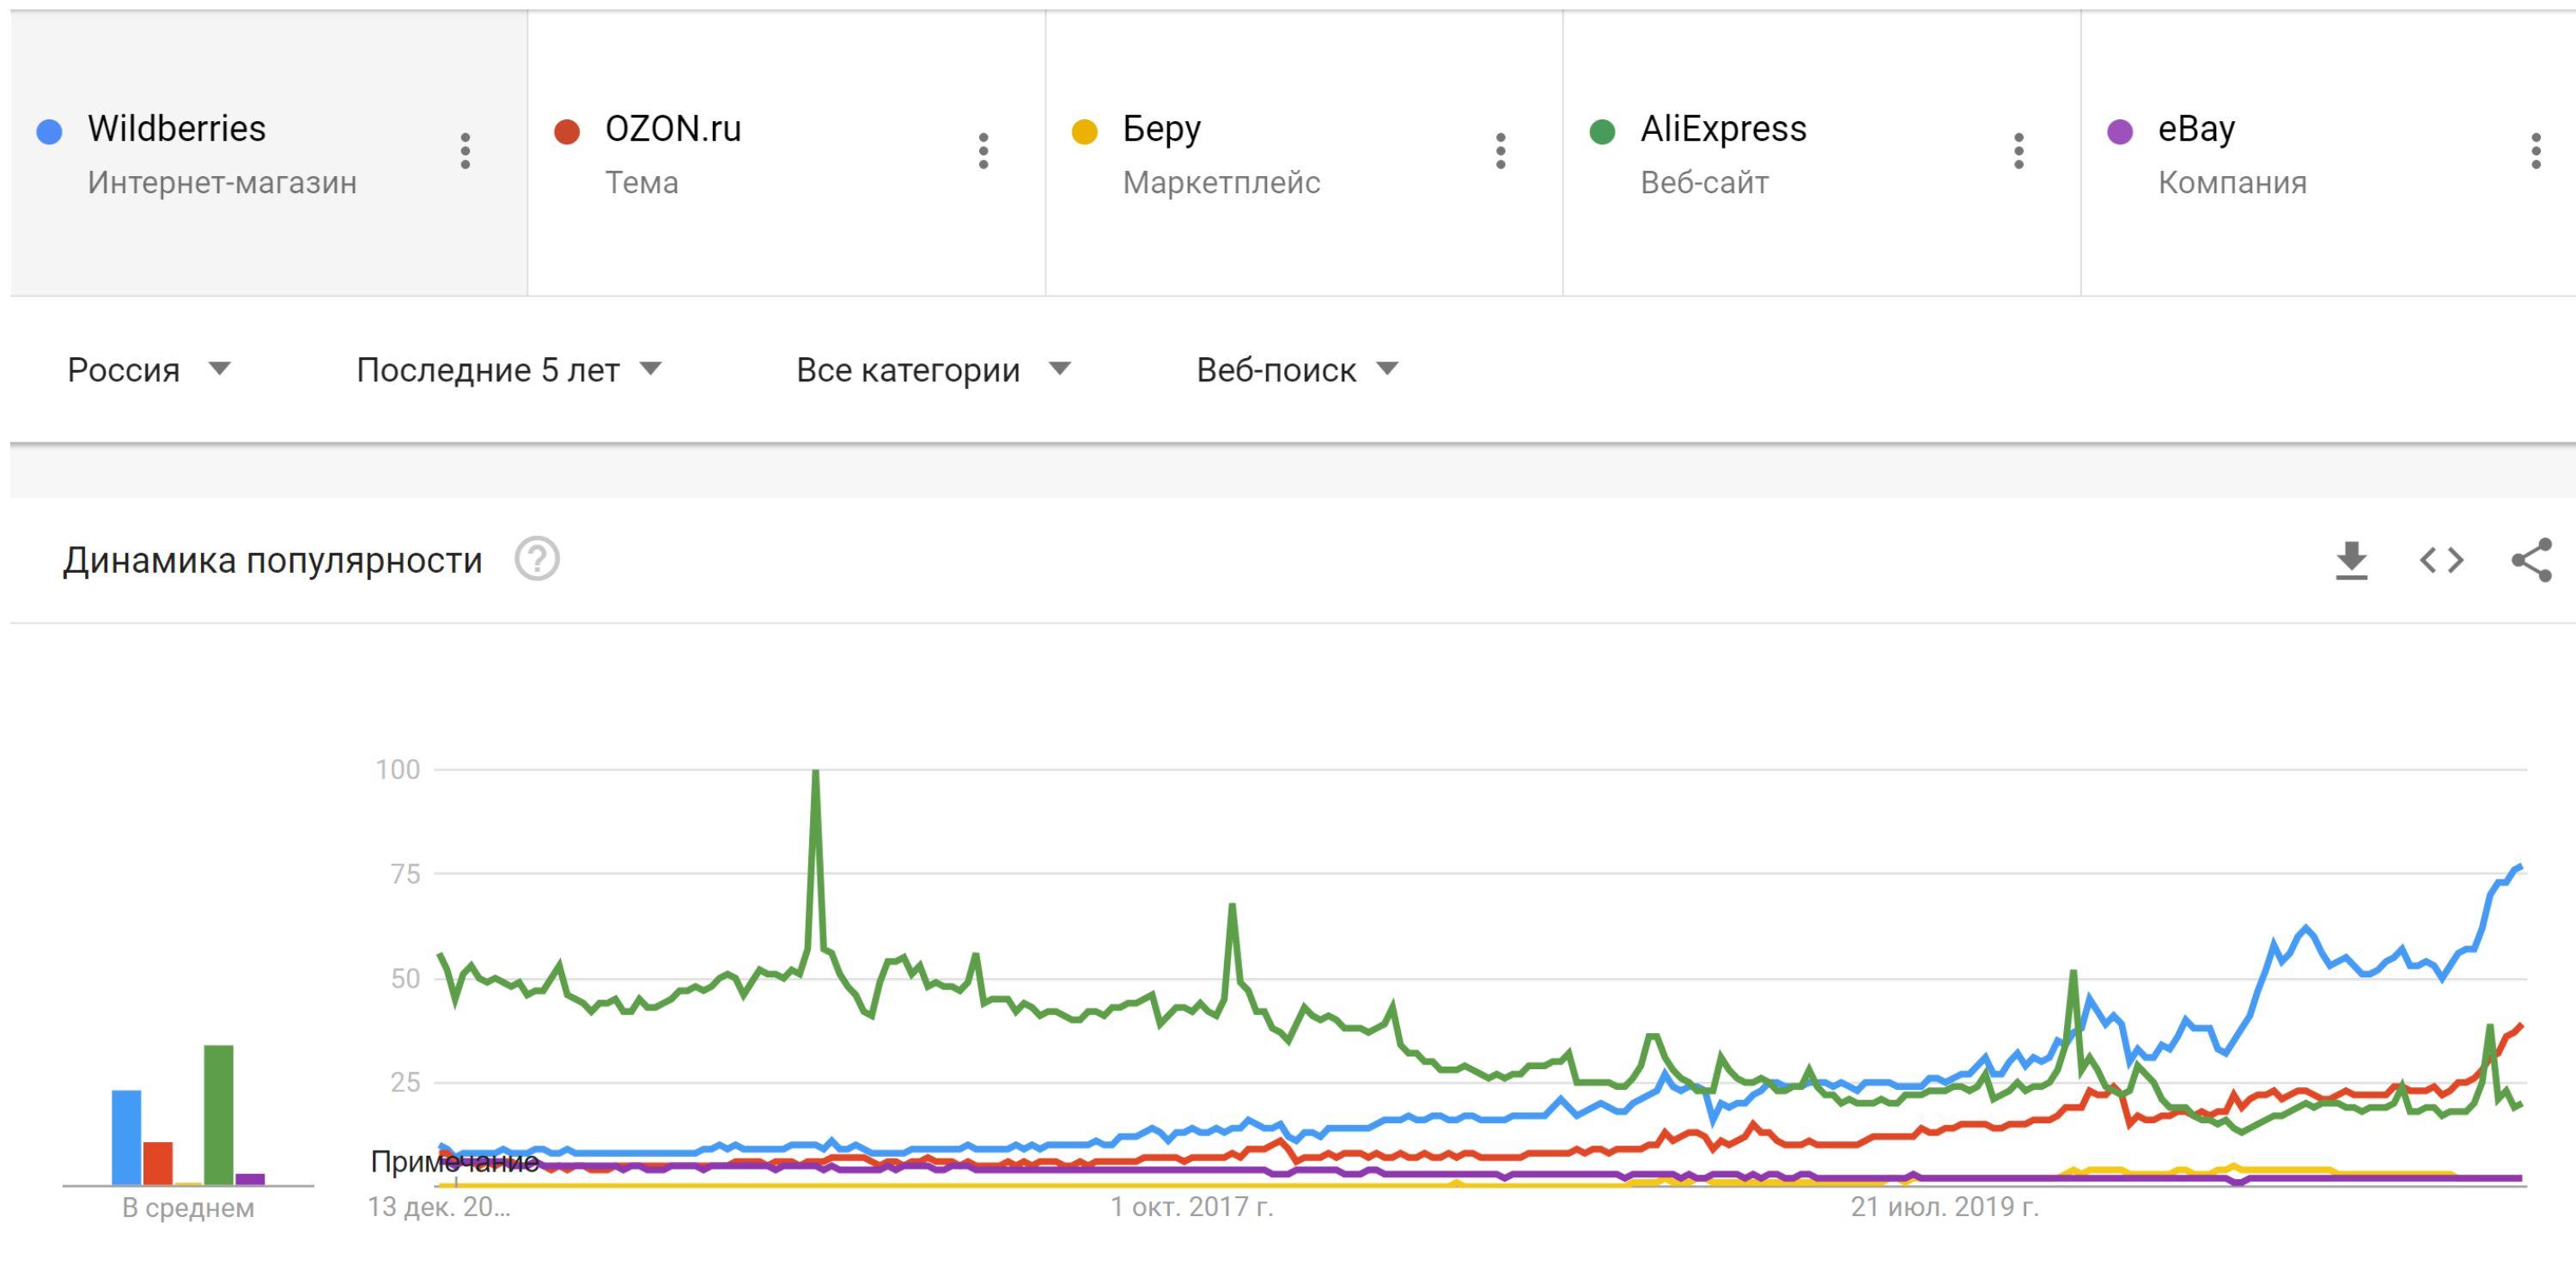 График развития посещаемости маркетплейсов в последние 5 лет